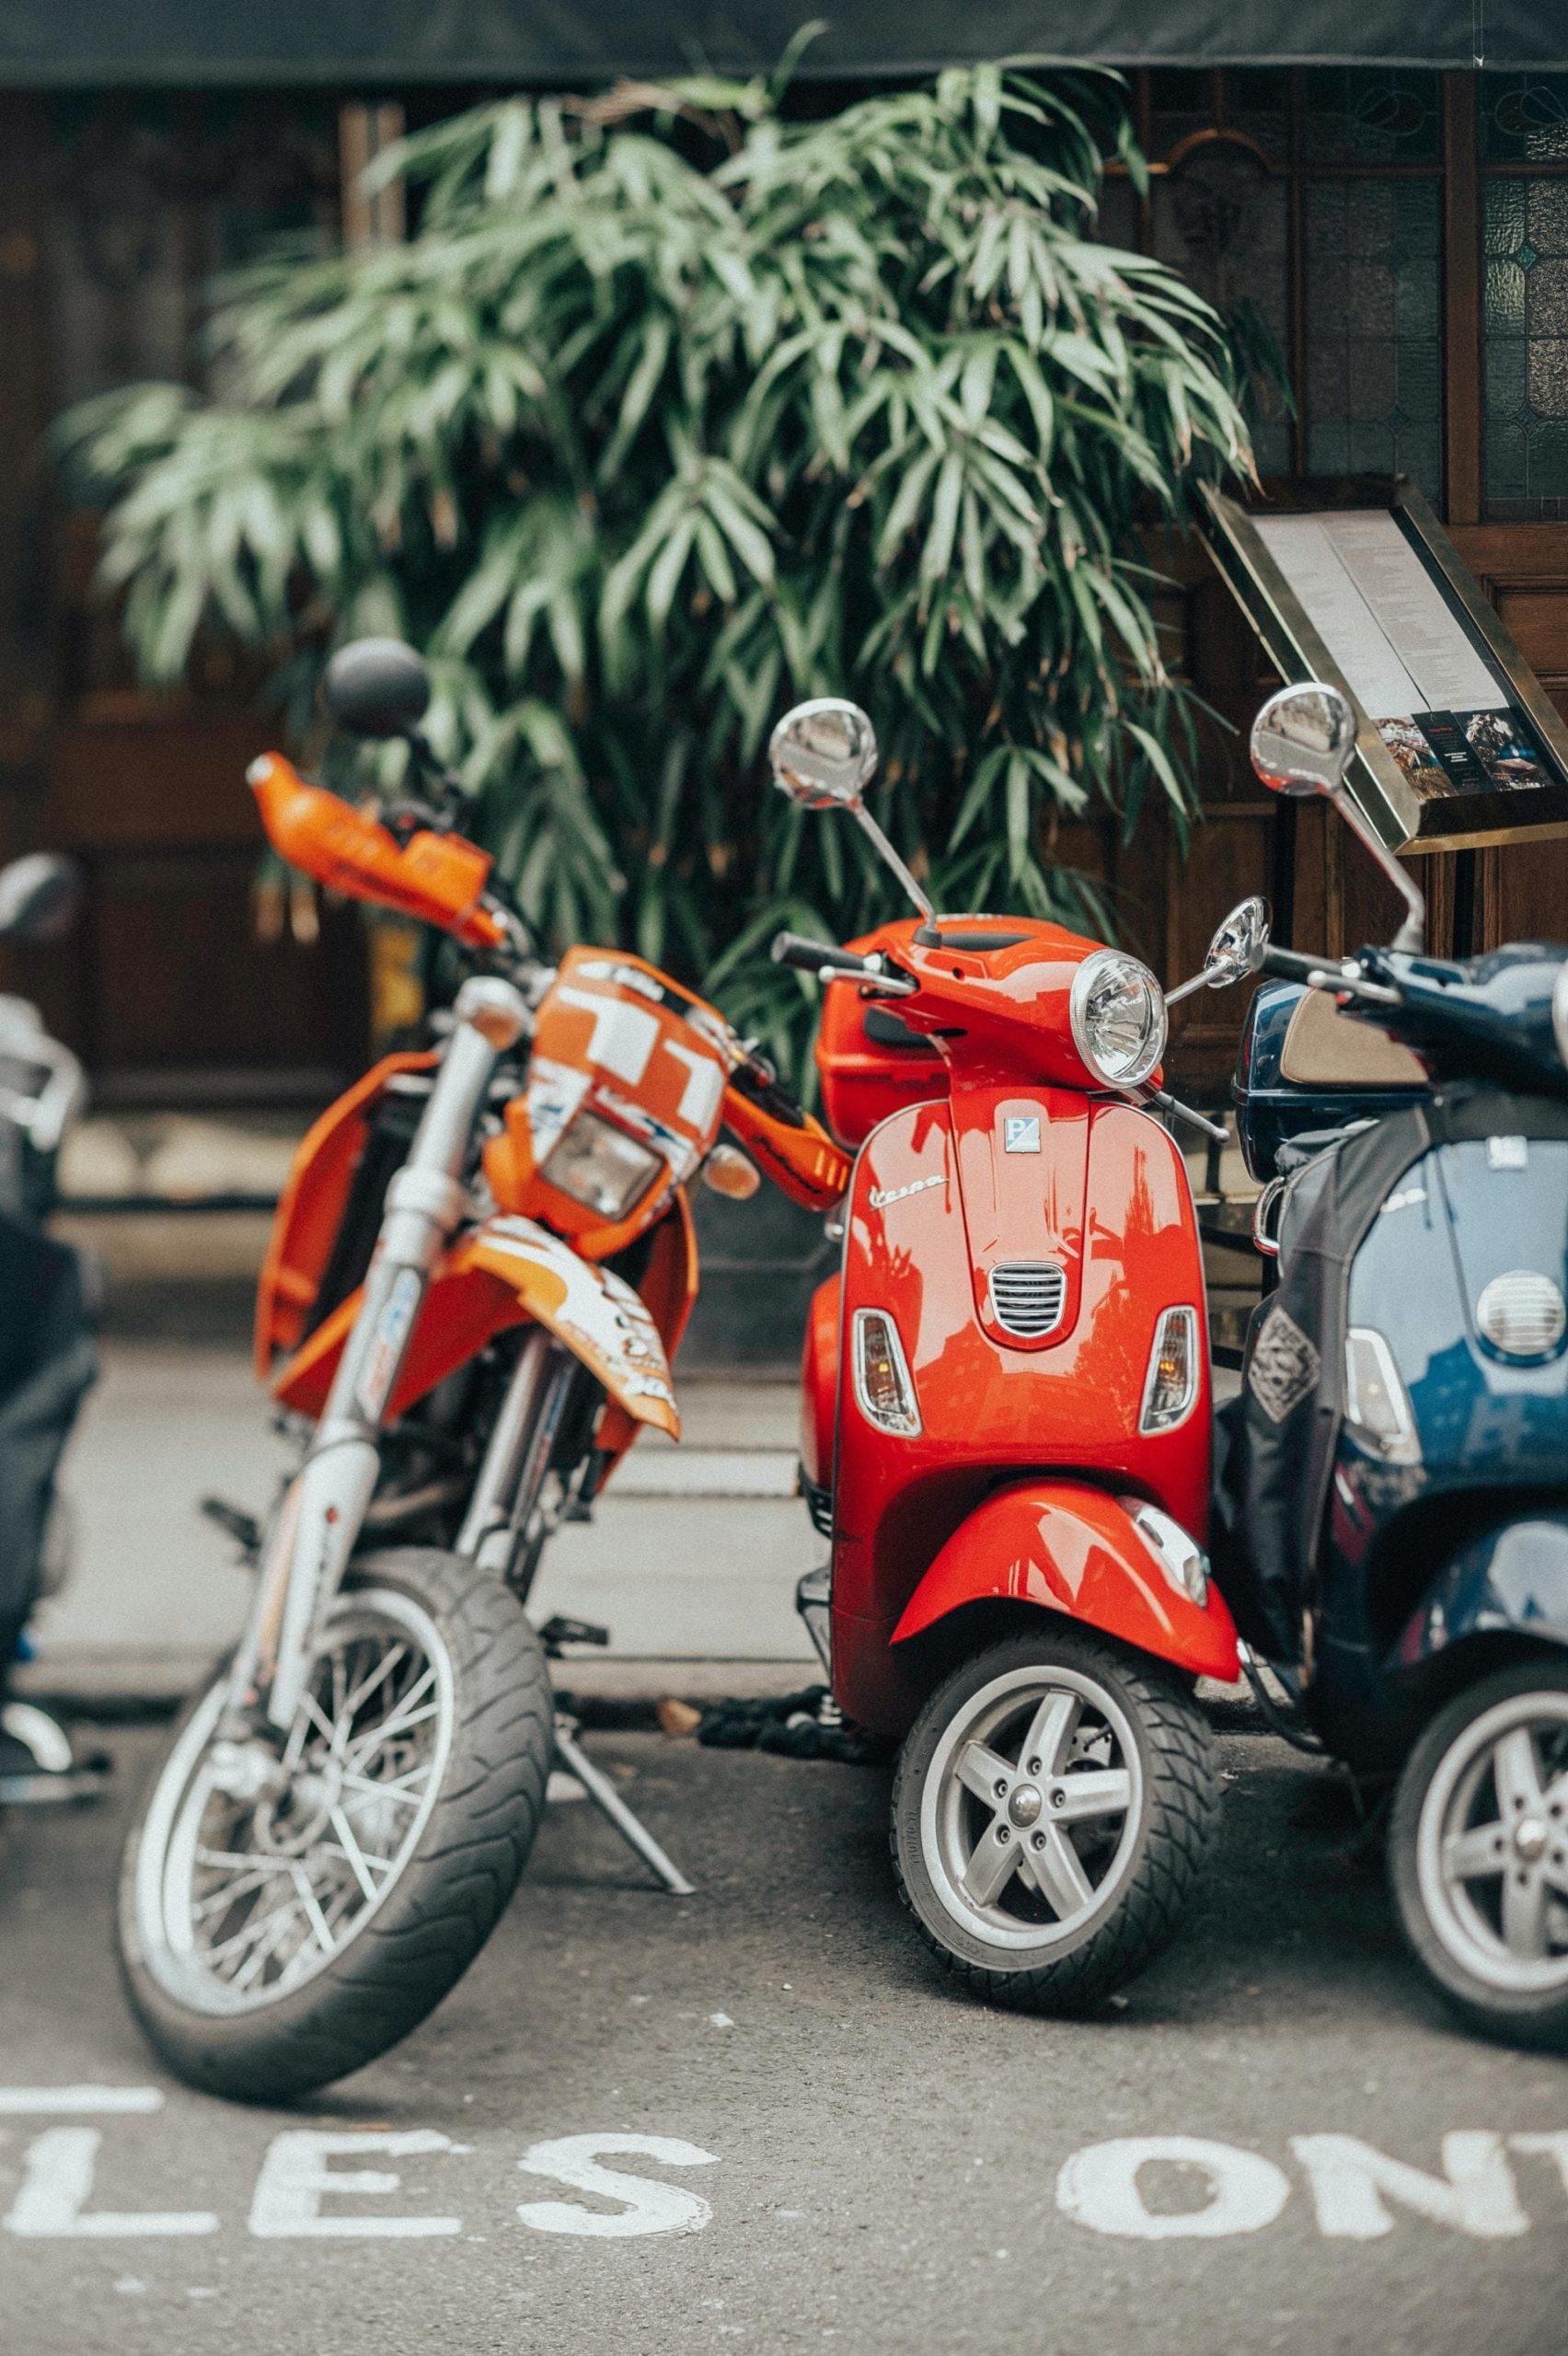 Motos Vespa Ciudad Aparcamiento